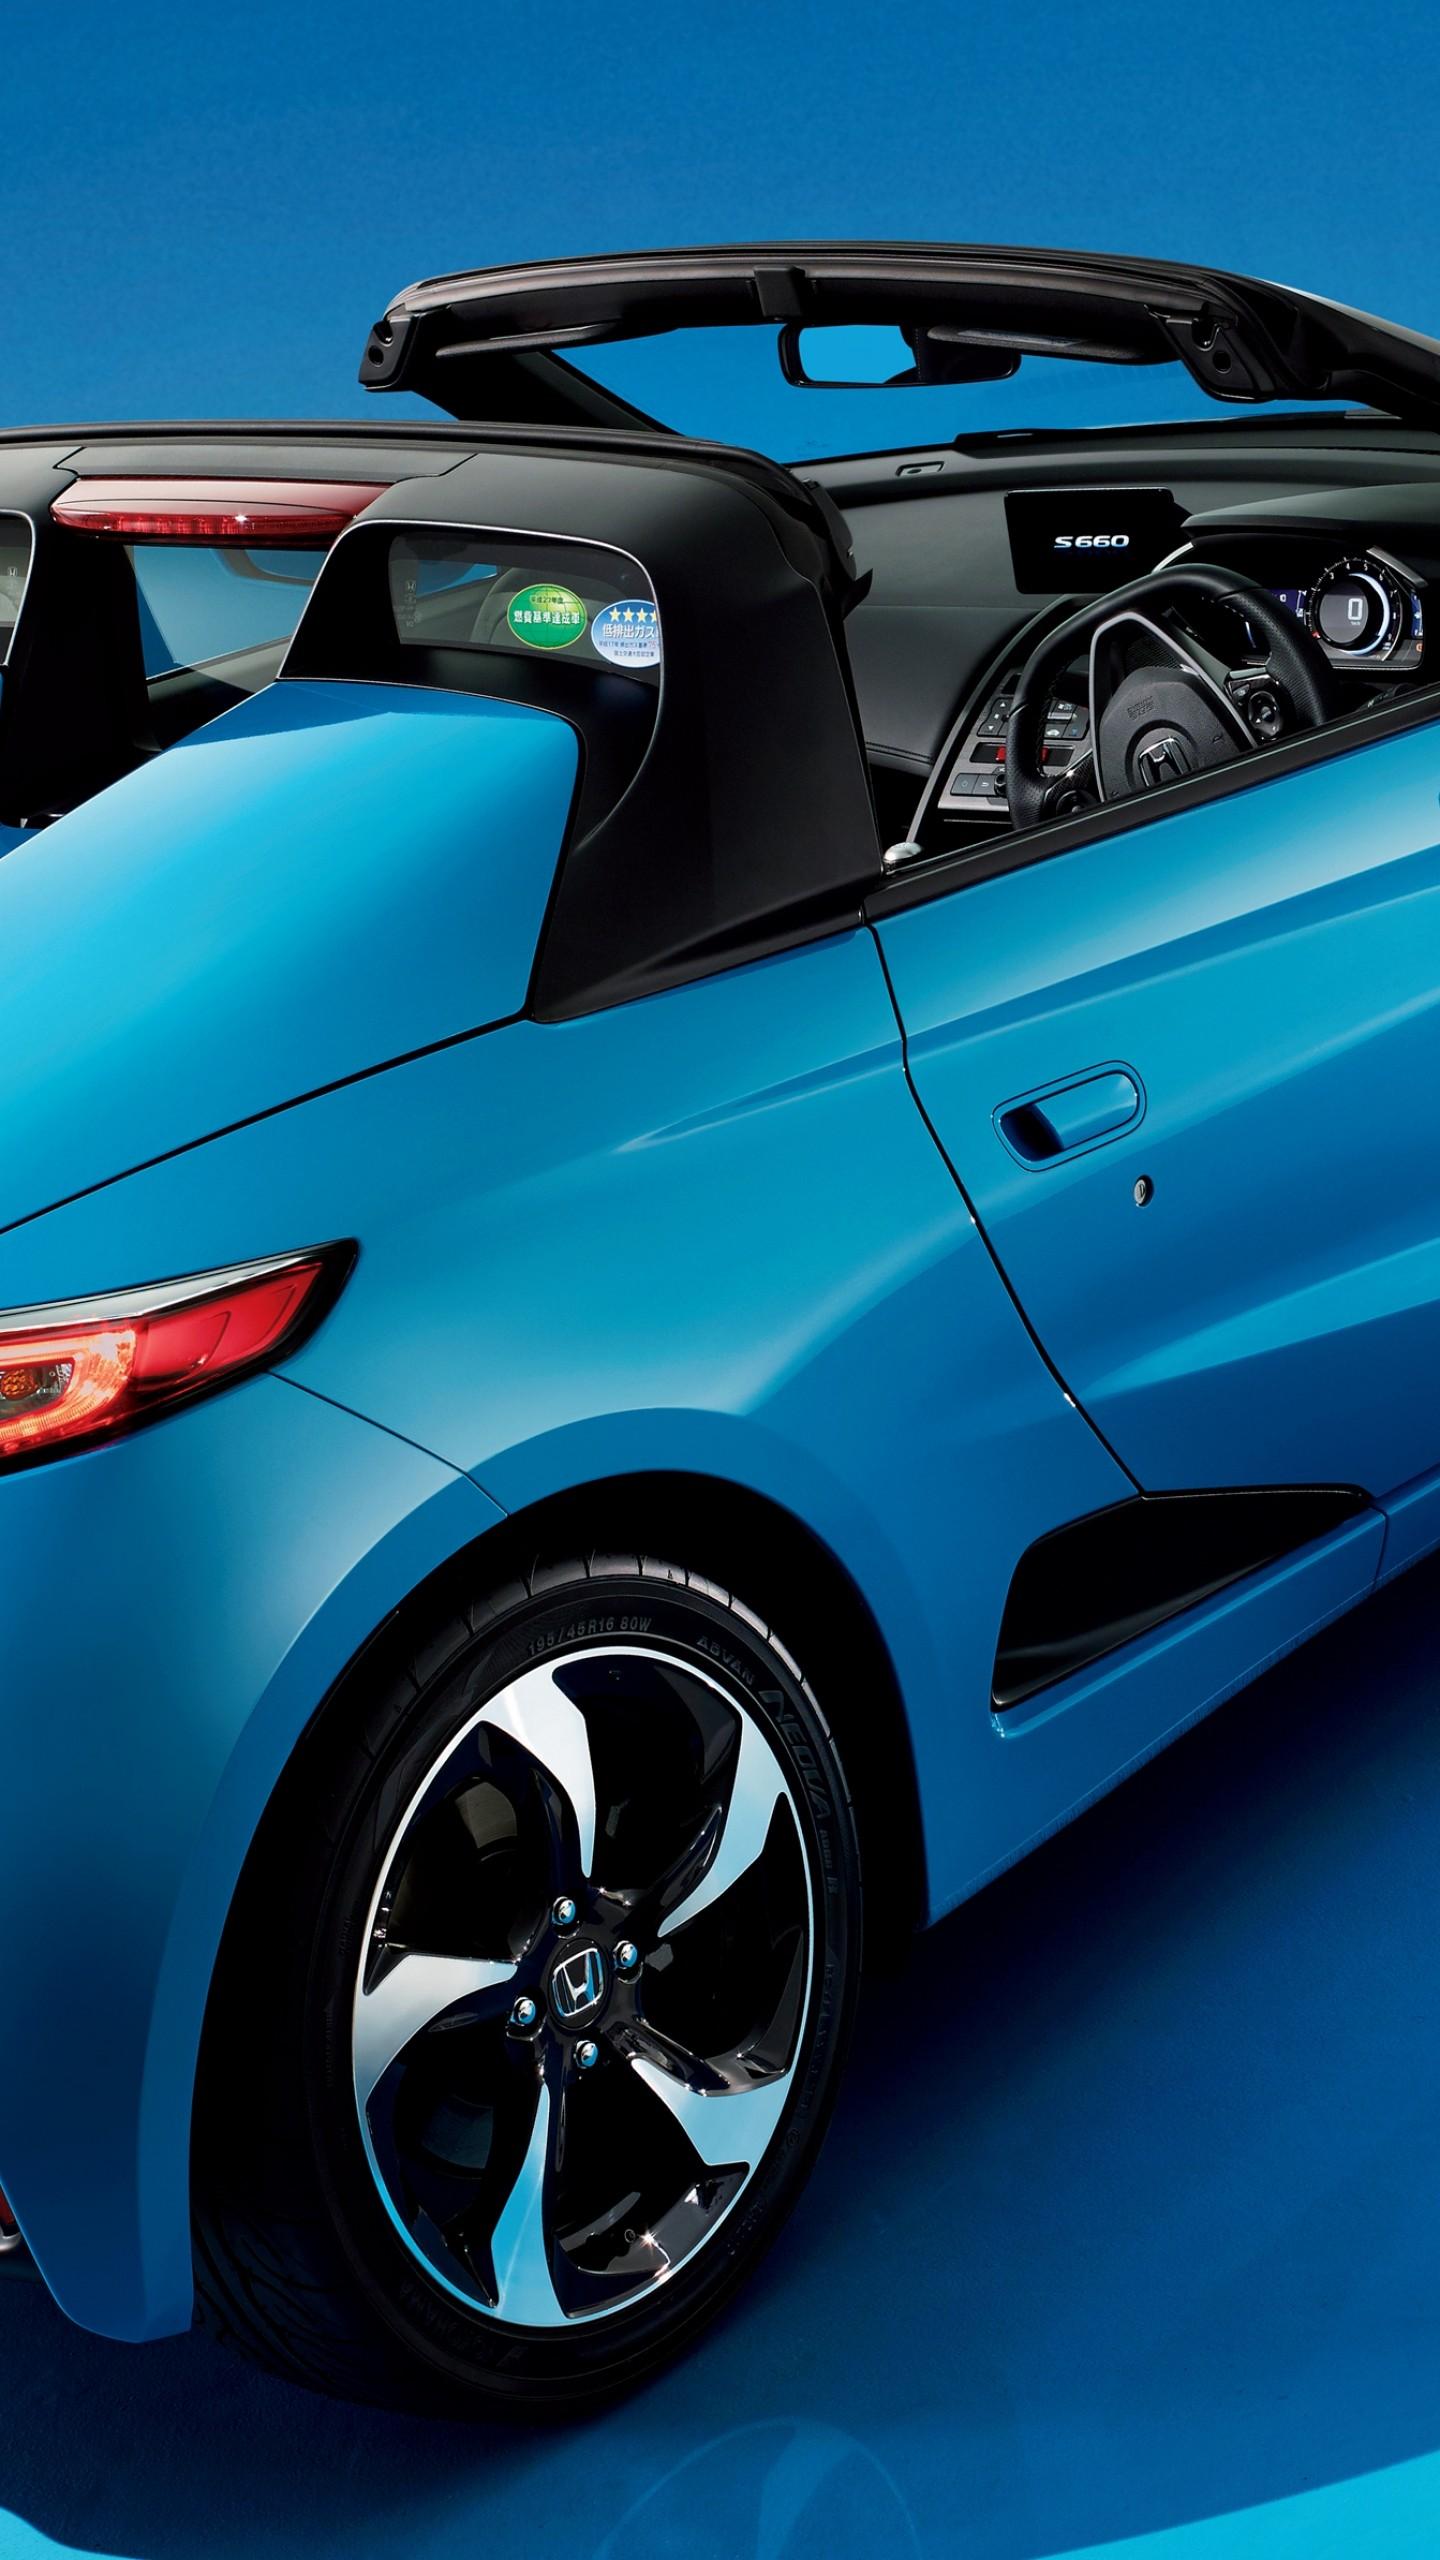 Wallpaper Honda S660, Concept, blue, future car, Tokyo ...